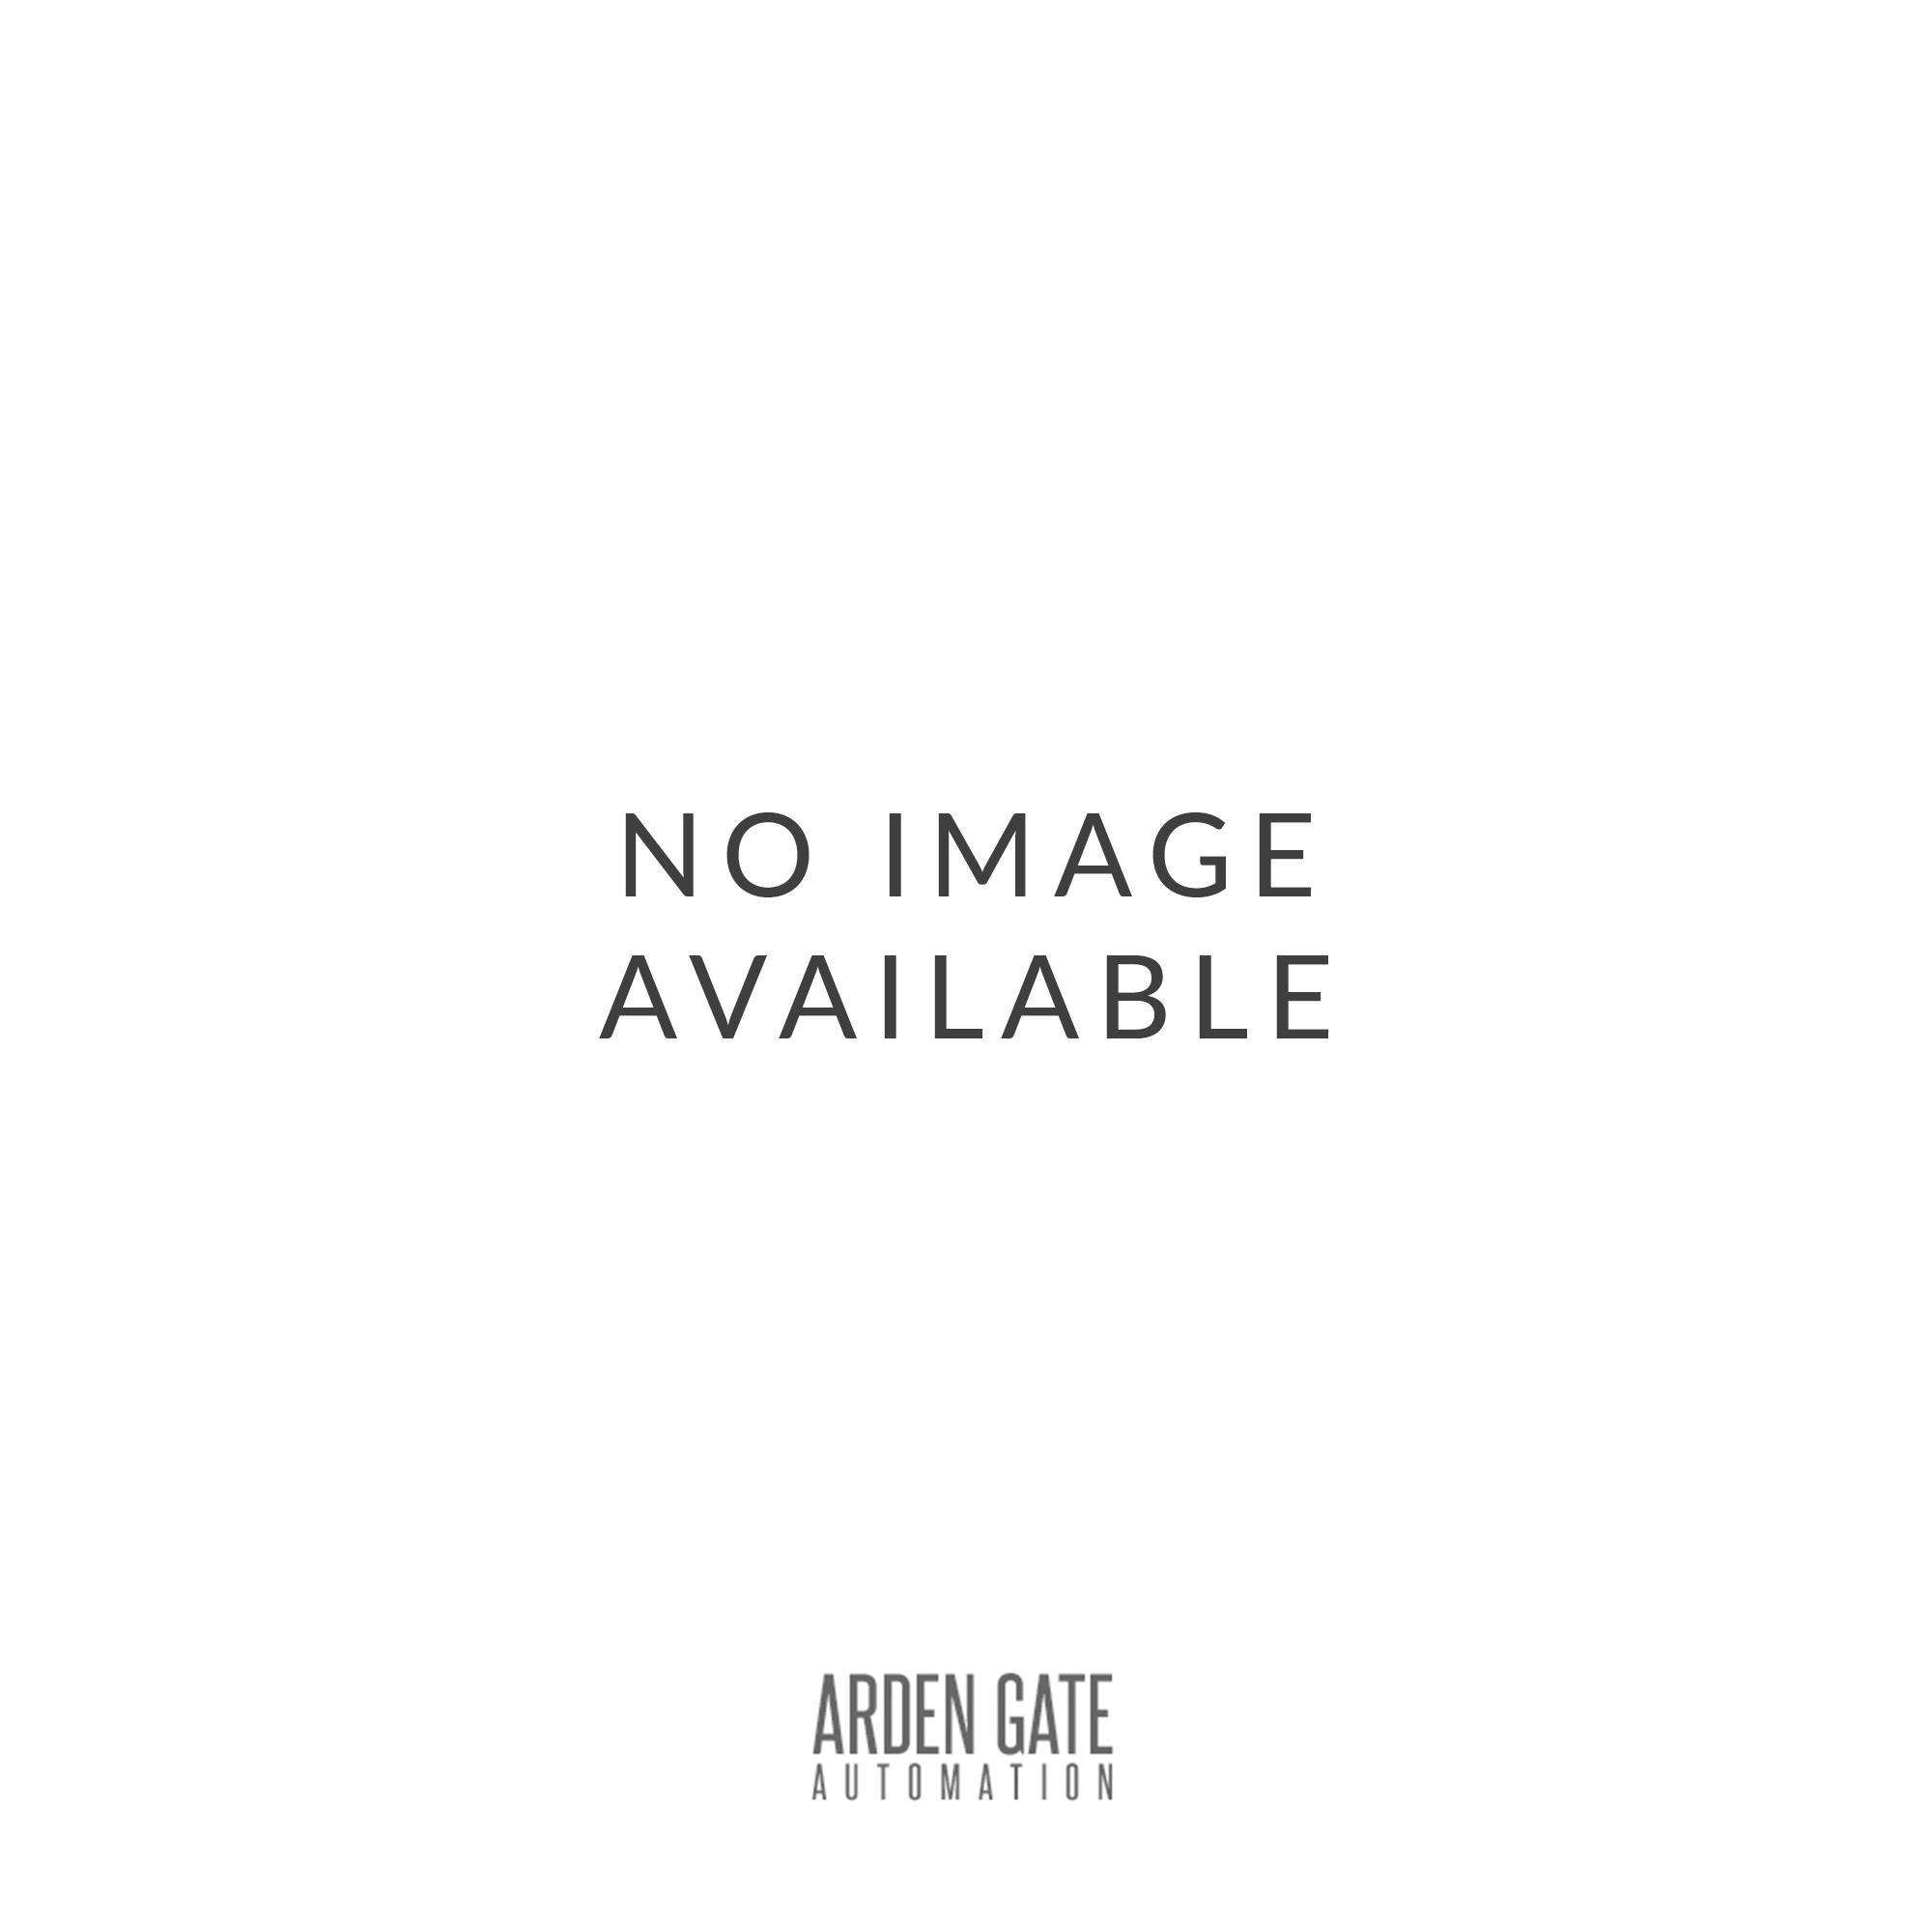 FAAC 770 UK KIT S Underground electro mechanical operator single kit